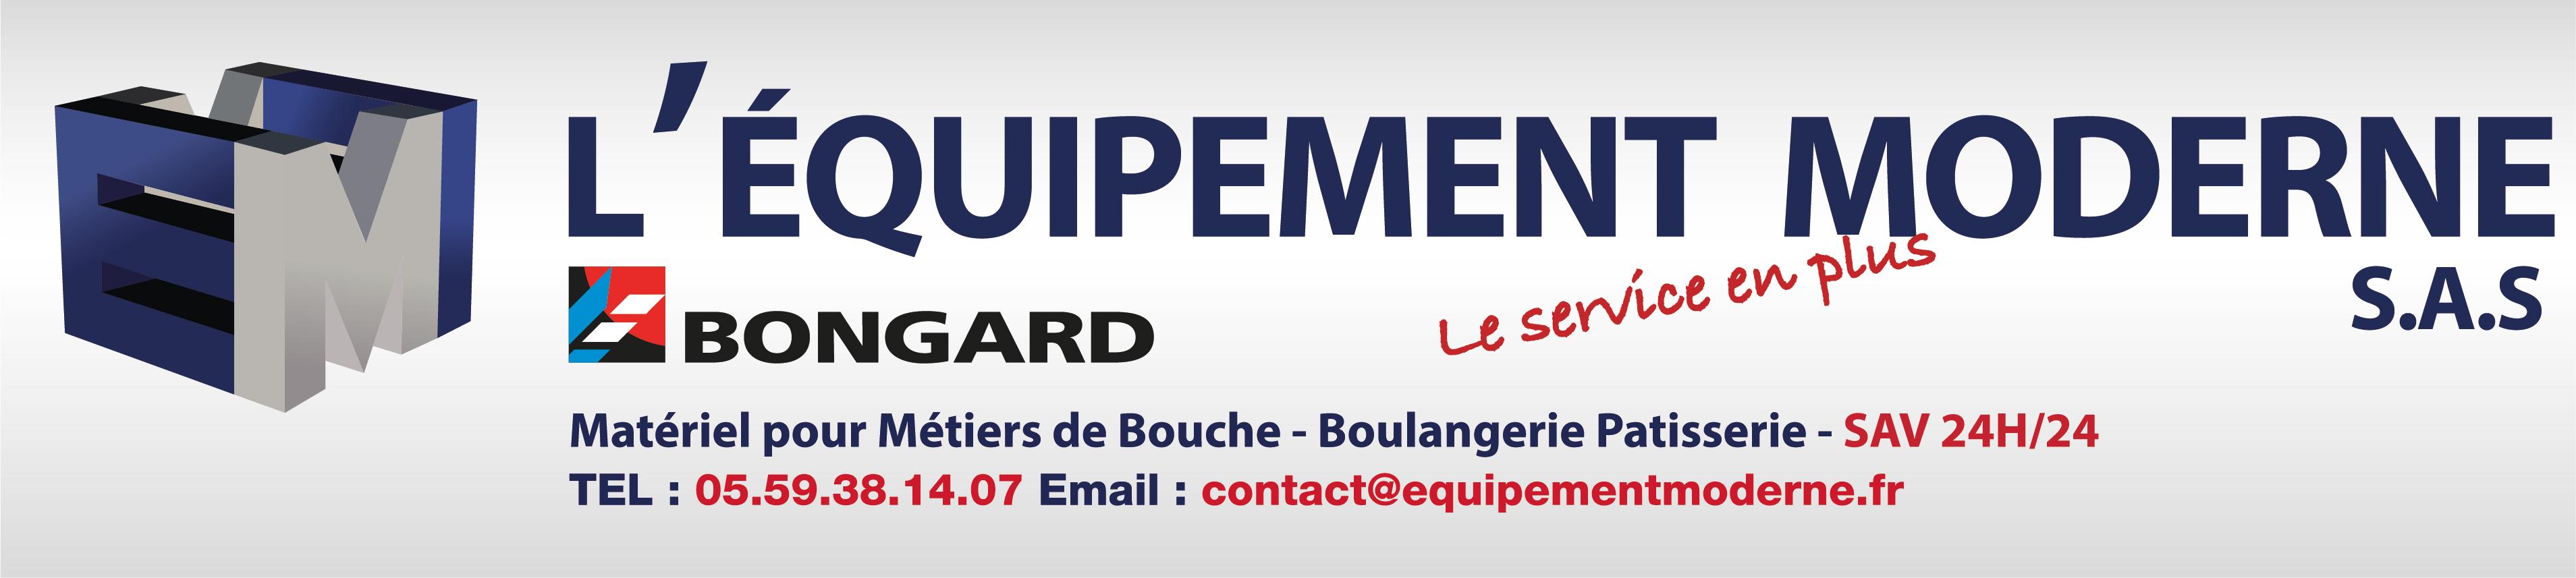 EM logo + Bongard